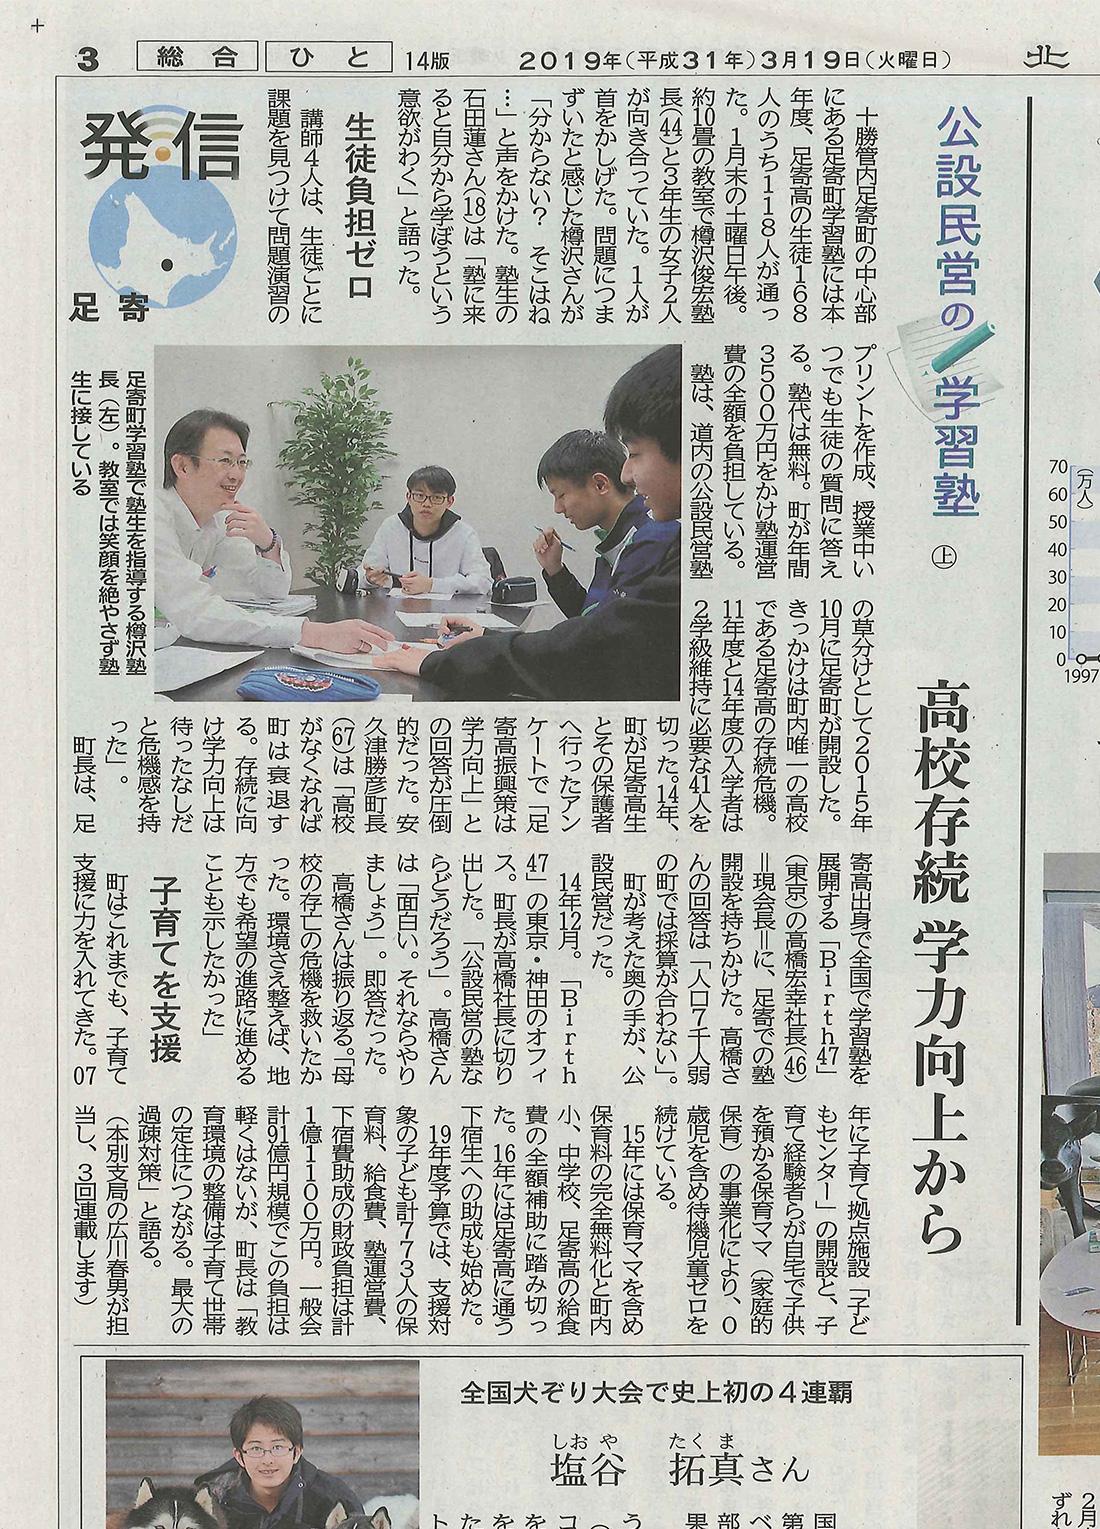 【足寄町学習塾】北海道新聞掲載①